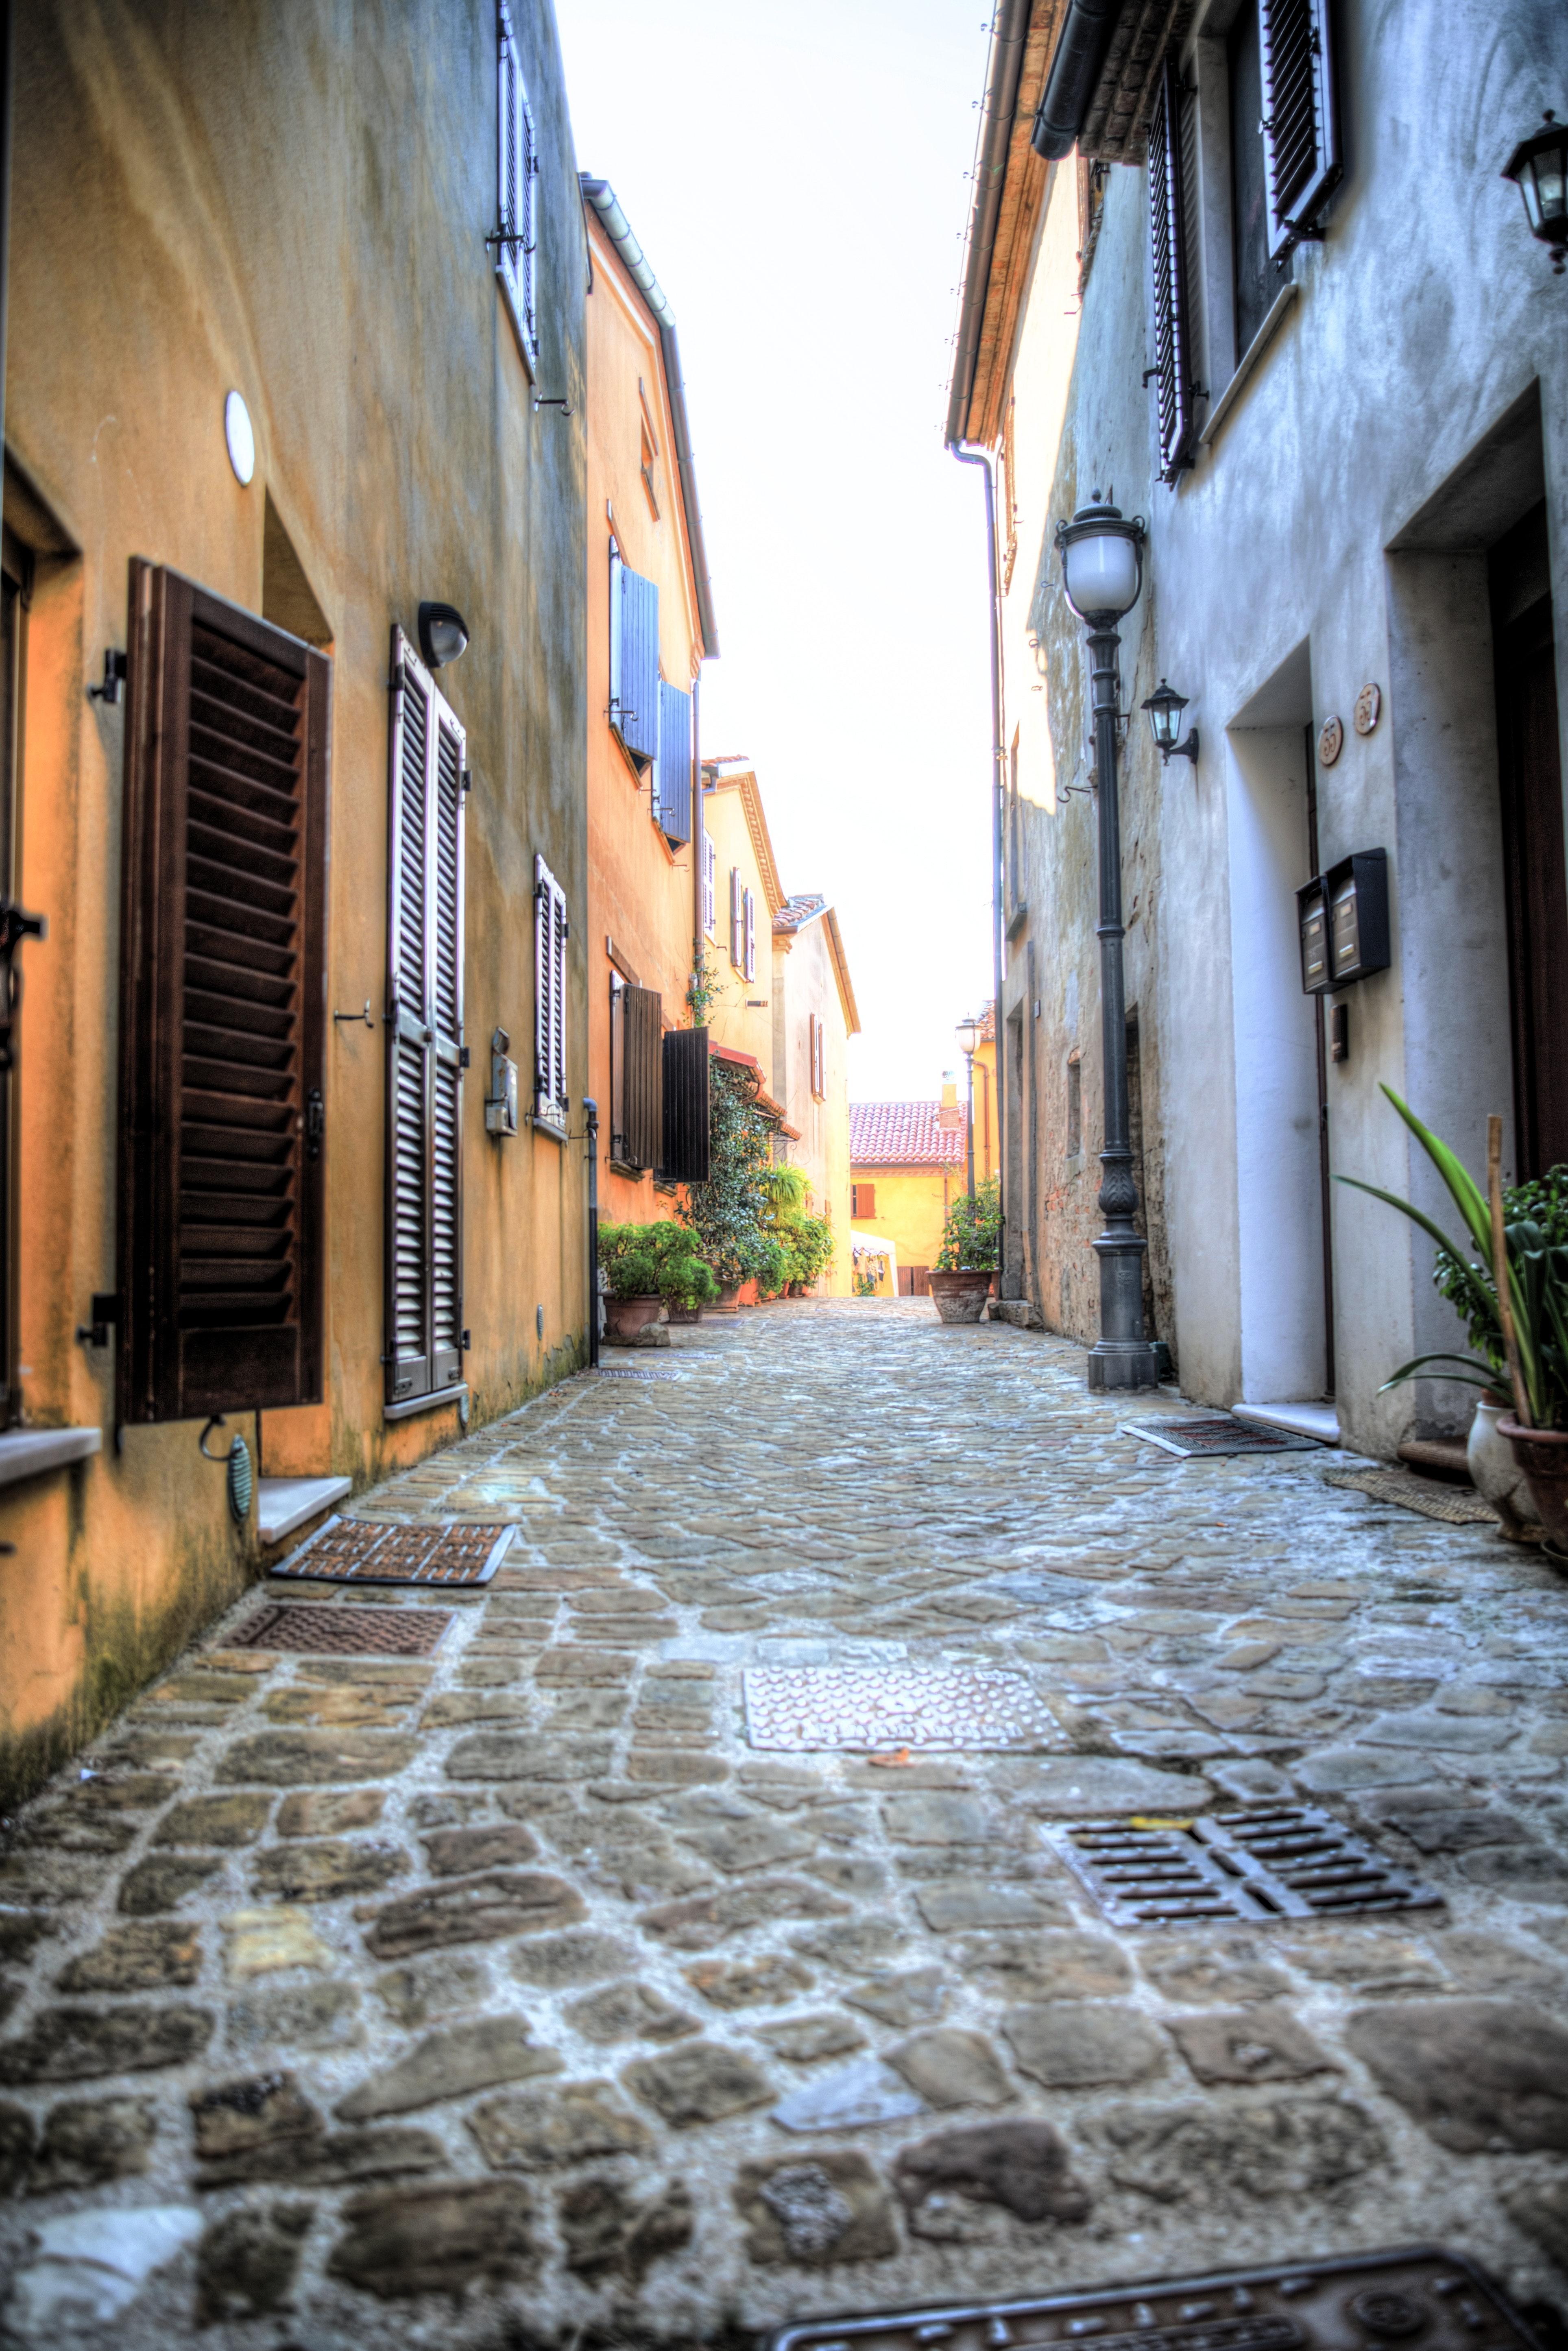 Empty Concrete Alleyway 183 Free Stock Photo